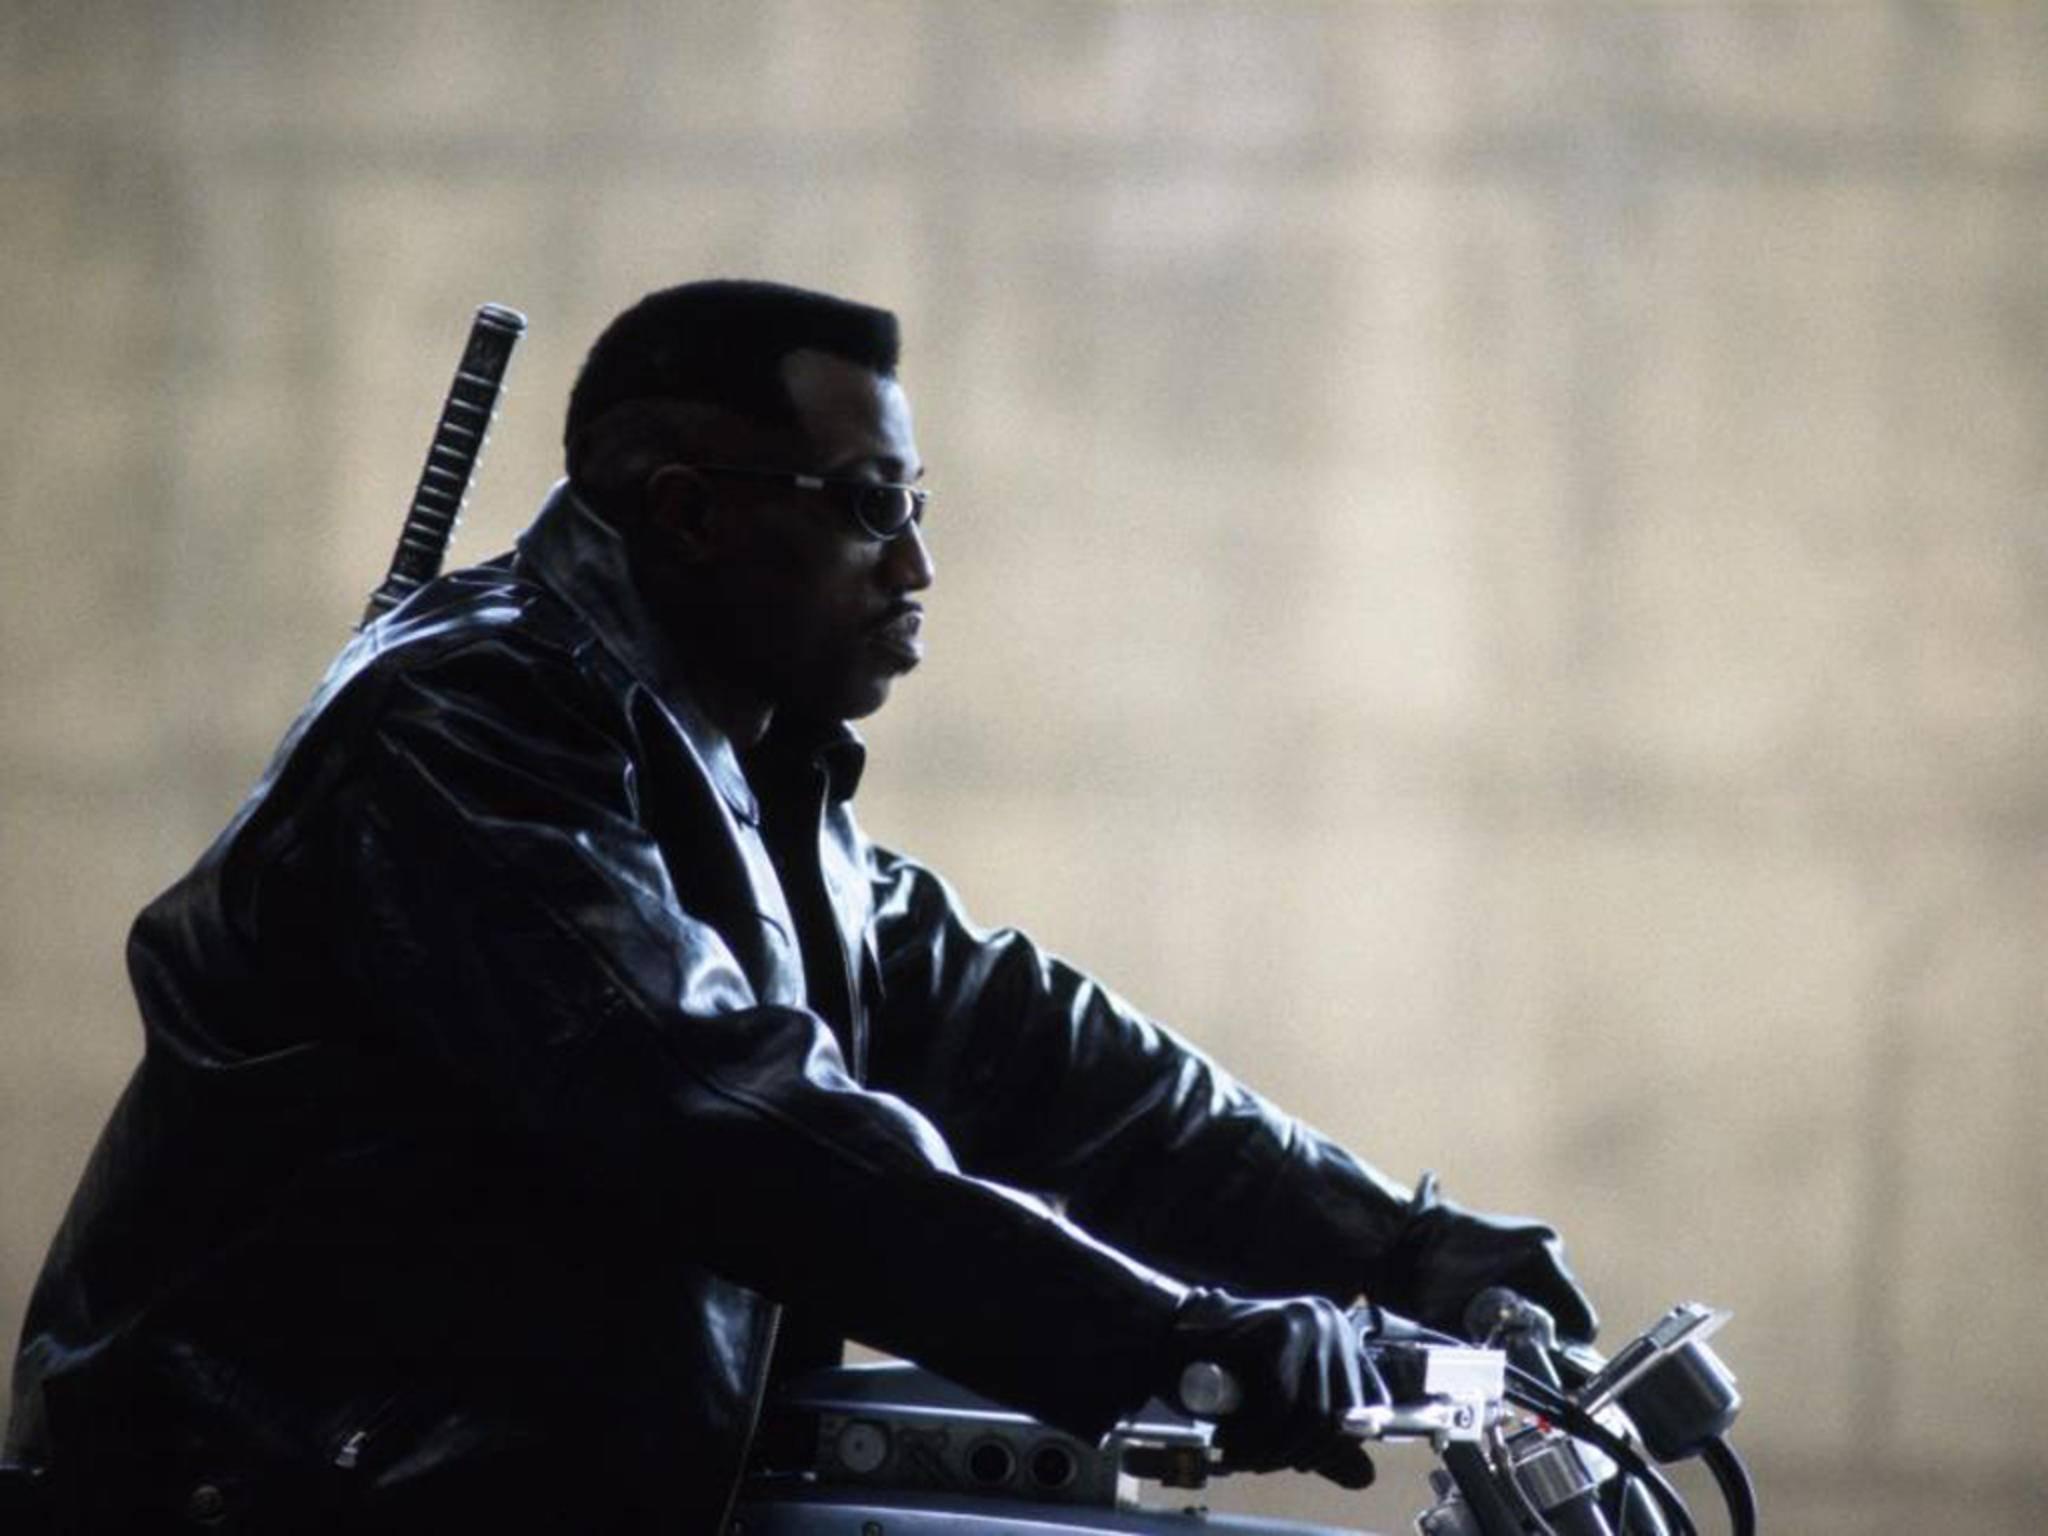 Bis wir Blade in Action sehen, wird noch etwas Zeit vergehn.